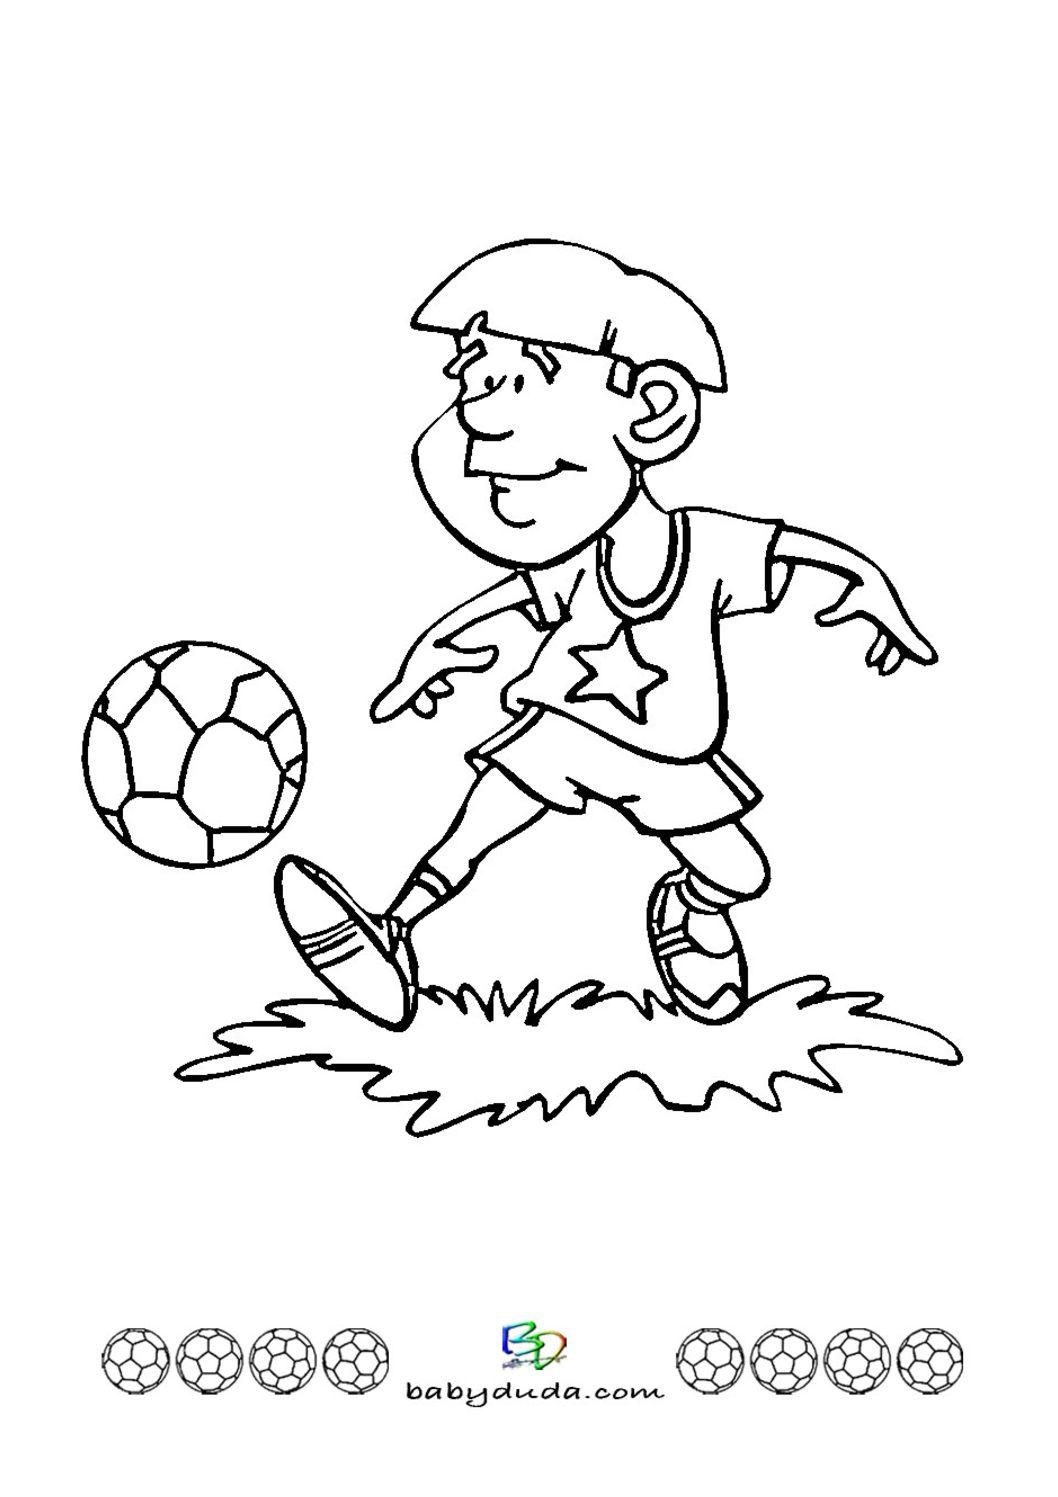 Ausgezeichnet Fußball Malvorlagen Online Bilder - Malvorlagen Von ...